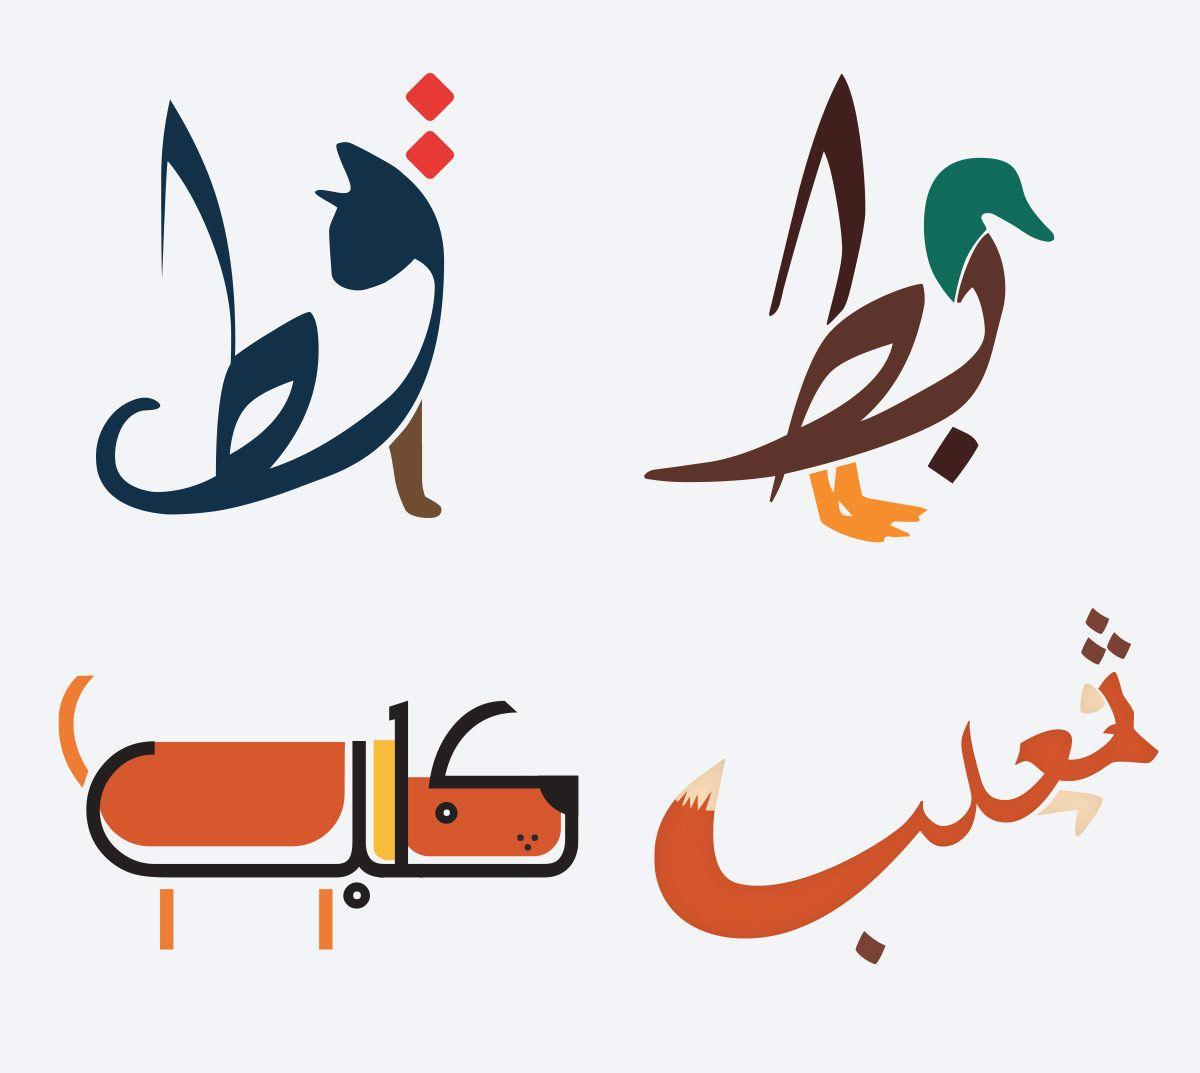 mots arabes illustrés